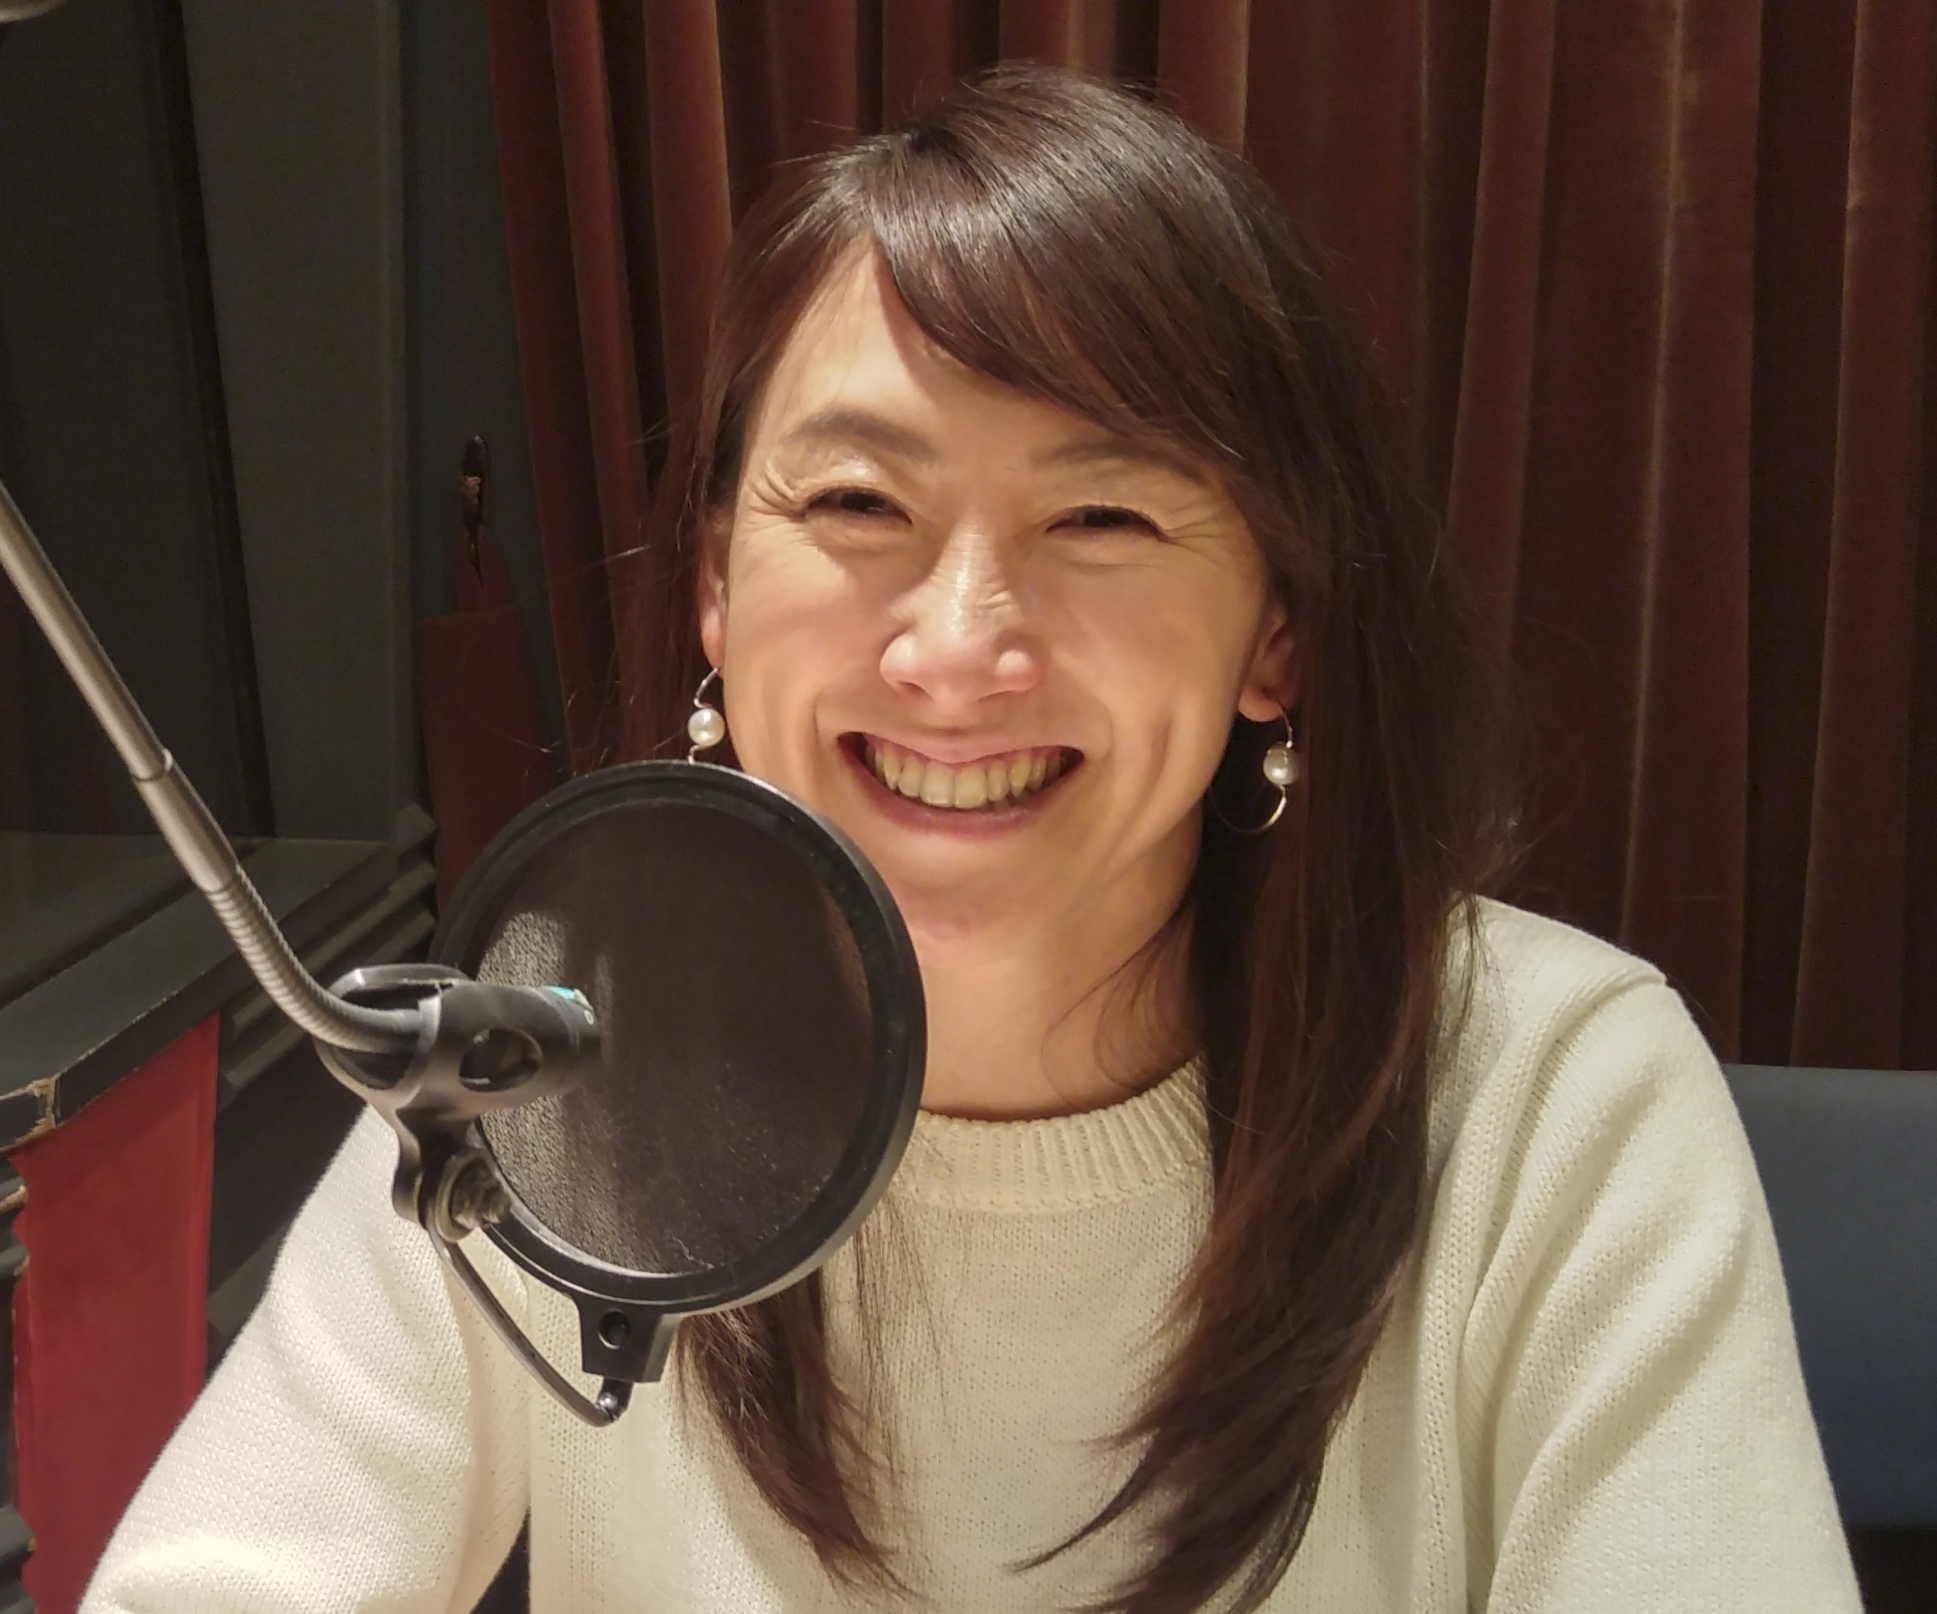 放送中                                                                                    TBSラジオ FM90.5 + AM954                                                    放送中杉山愛、MASACAの高齢出産&祝・大学院卒業!                この記事の                番組情報            コシノジュンコ MASACA